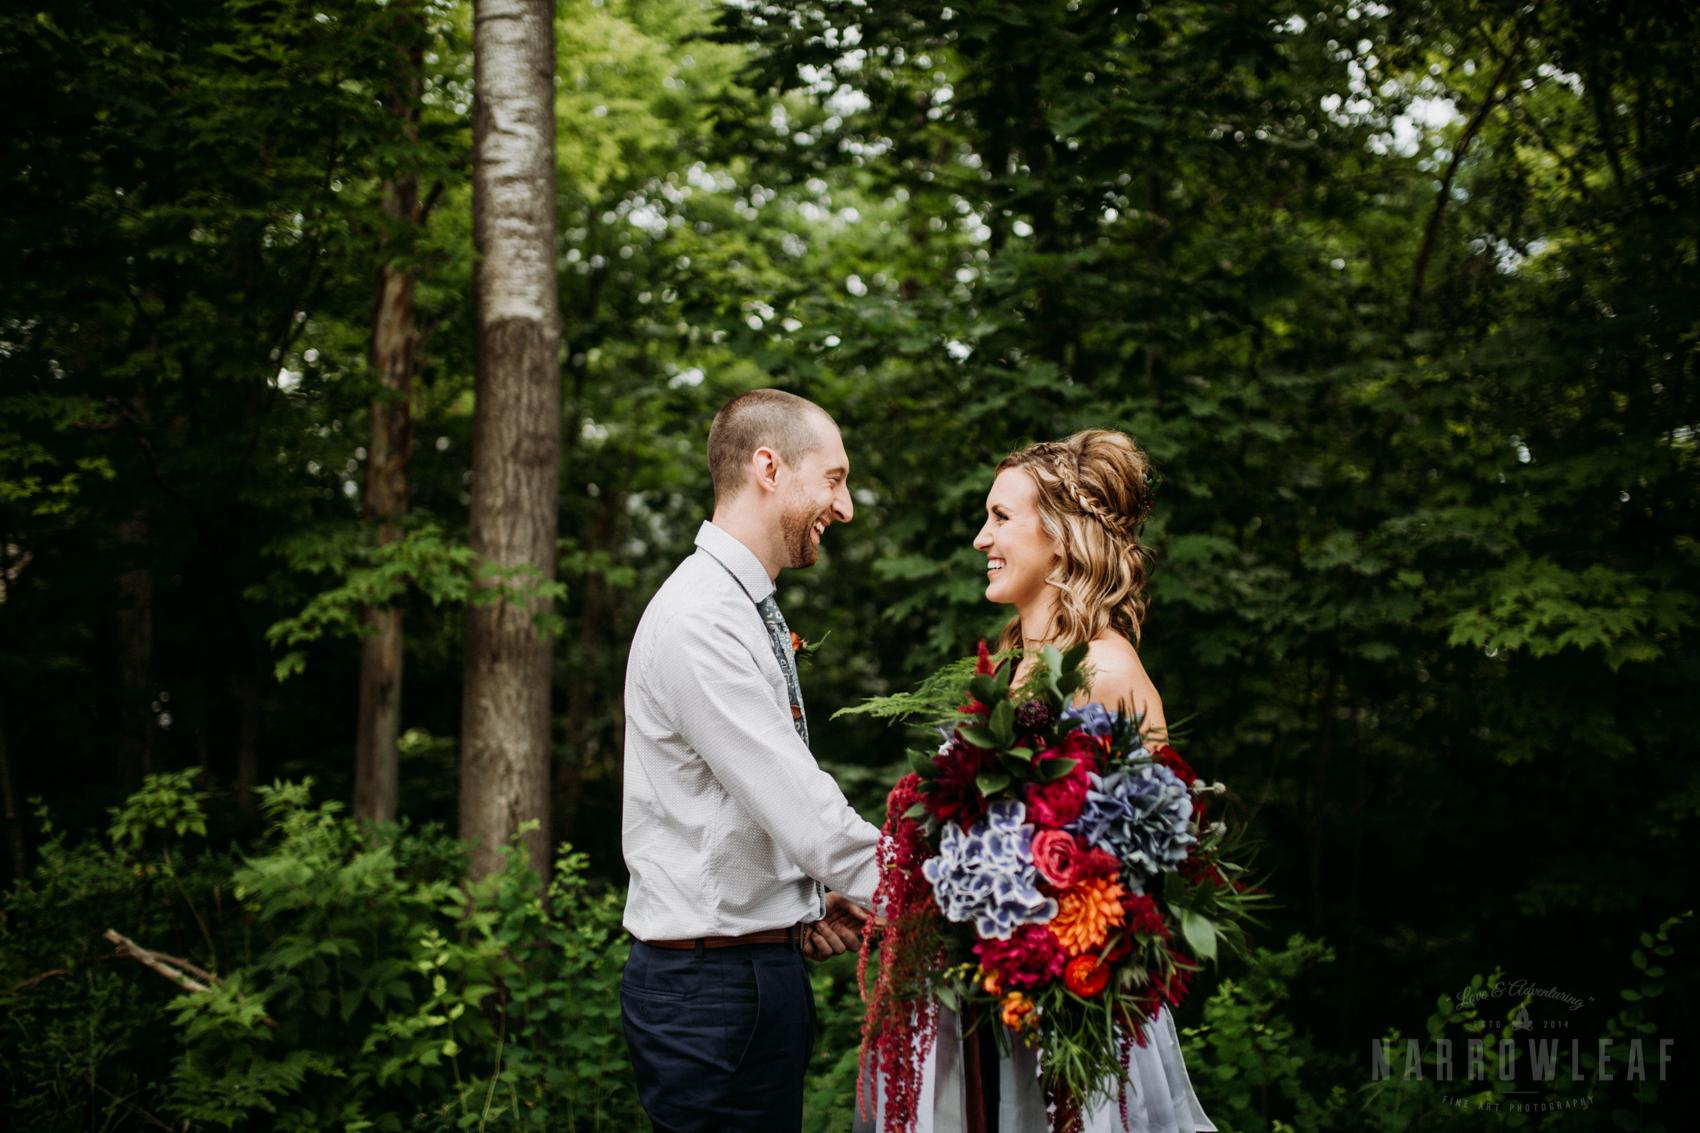 bayfield-wi-wedding-bride-and-groom-first-look-301.jpg